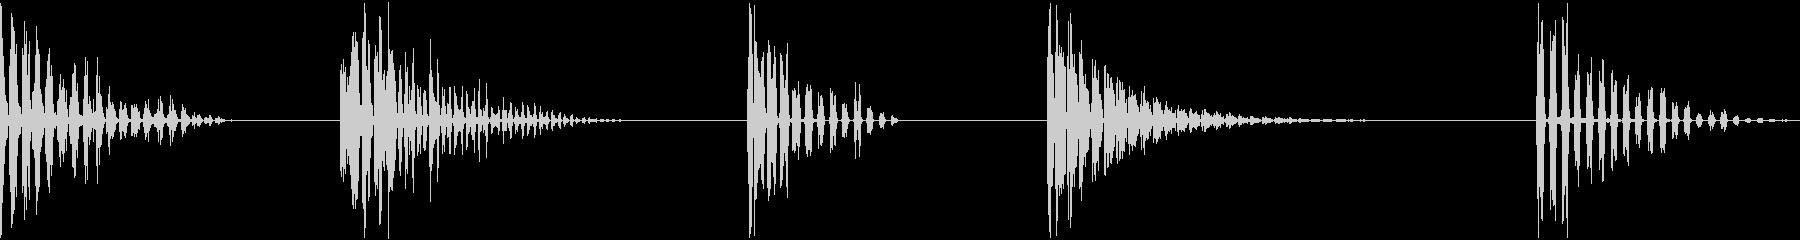 レーザー、エコーヒット、5バージョ...の未再生の波形